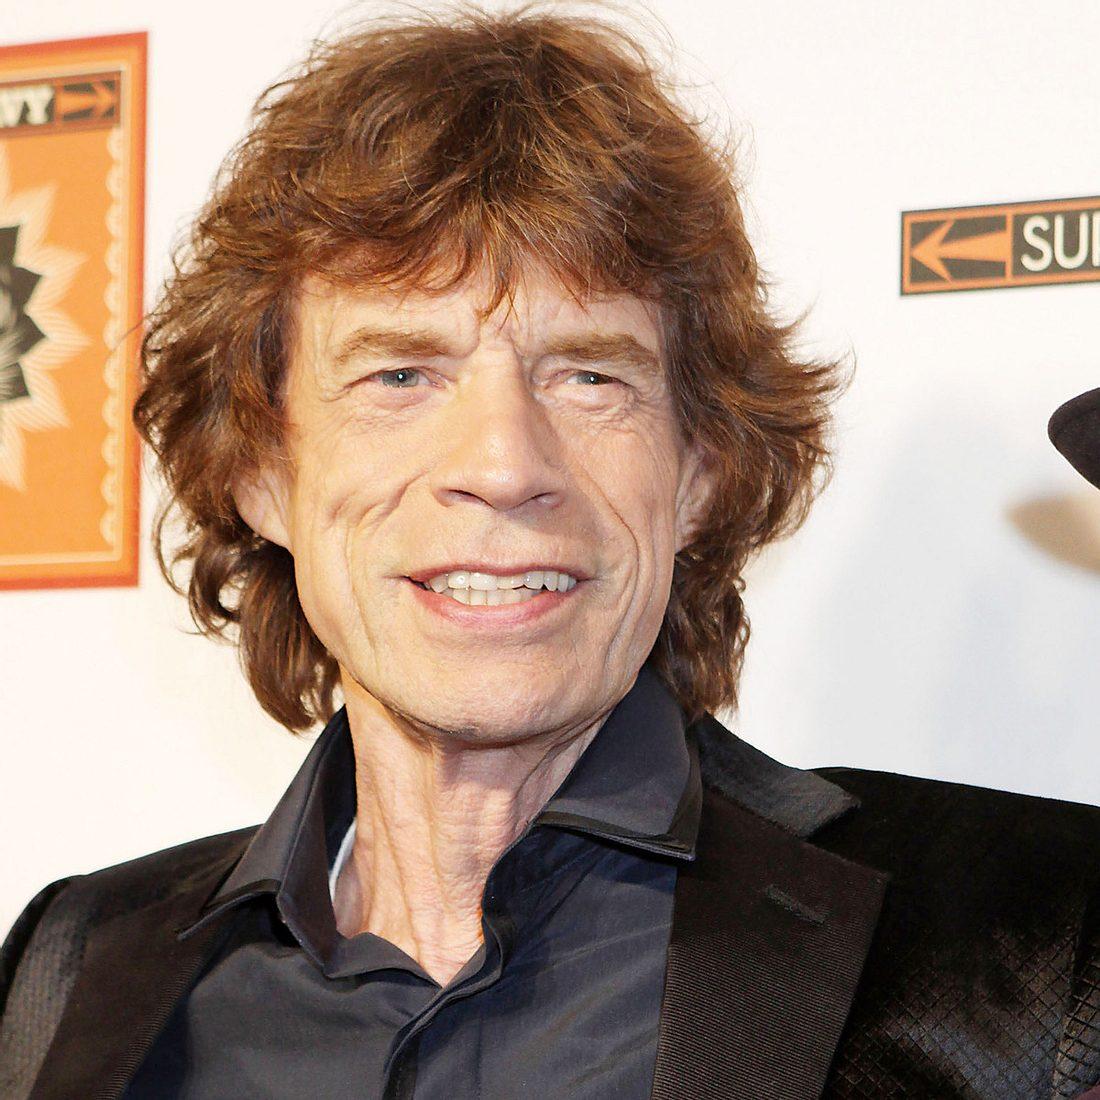 Mick Jagger und David Bowie: Angebliche Affäre